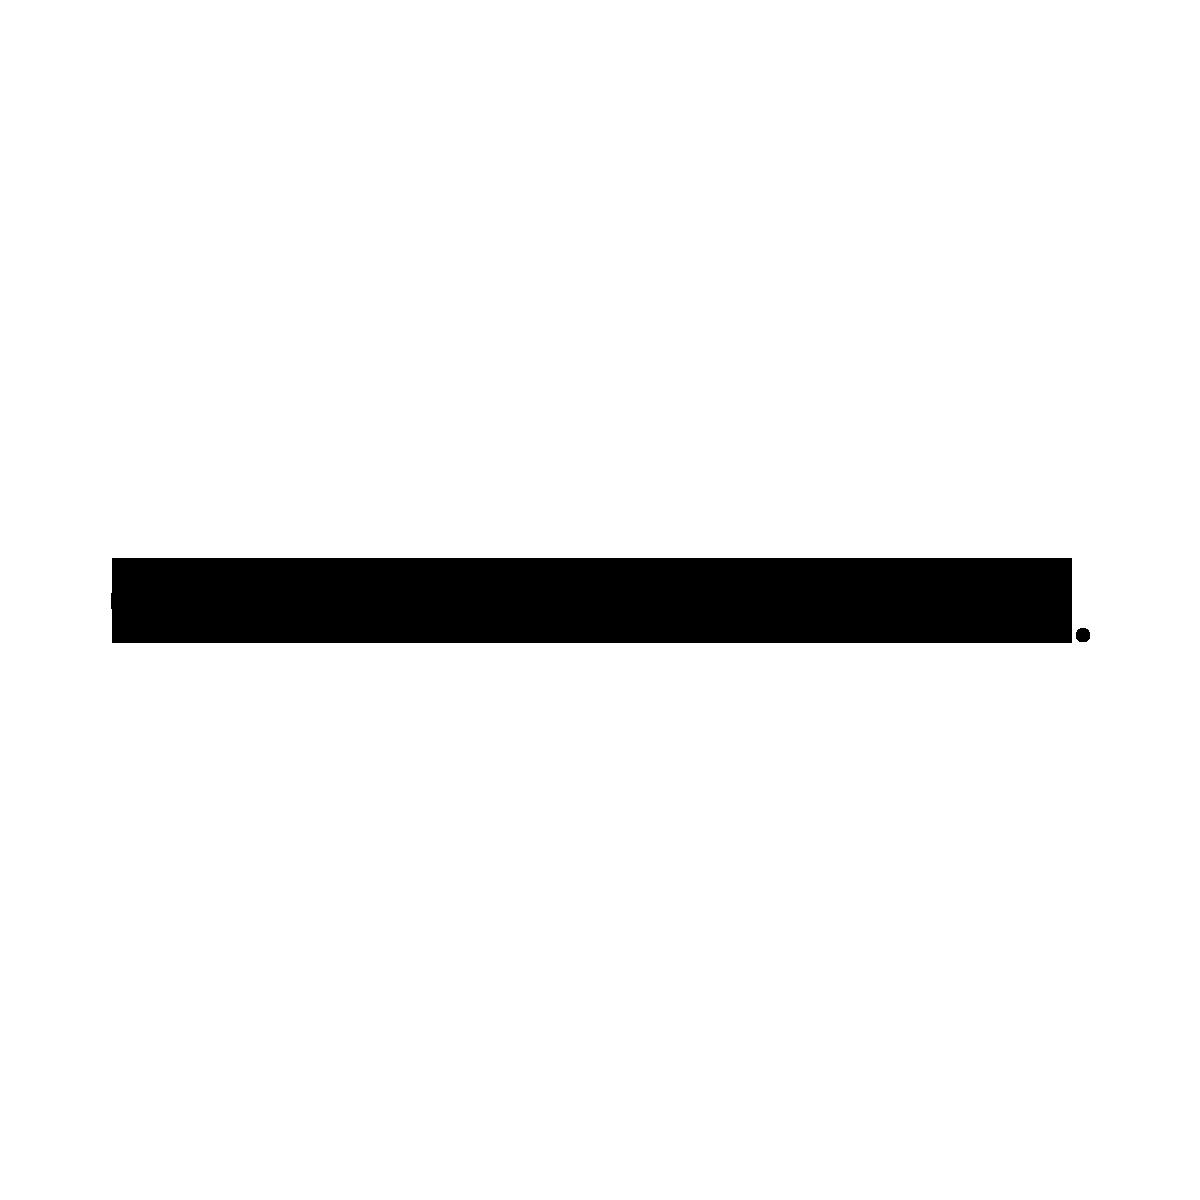 Kids-sneaker-white-leather-neoprene-sock-red-28-till-35